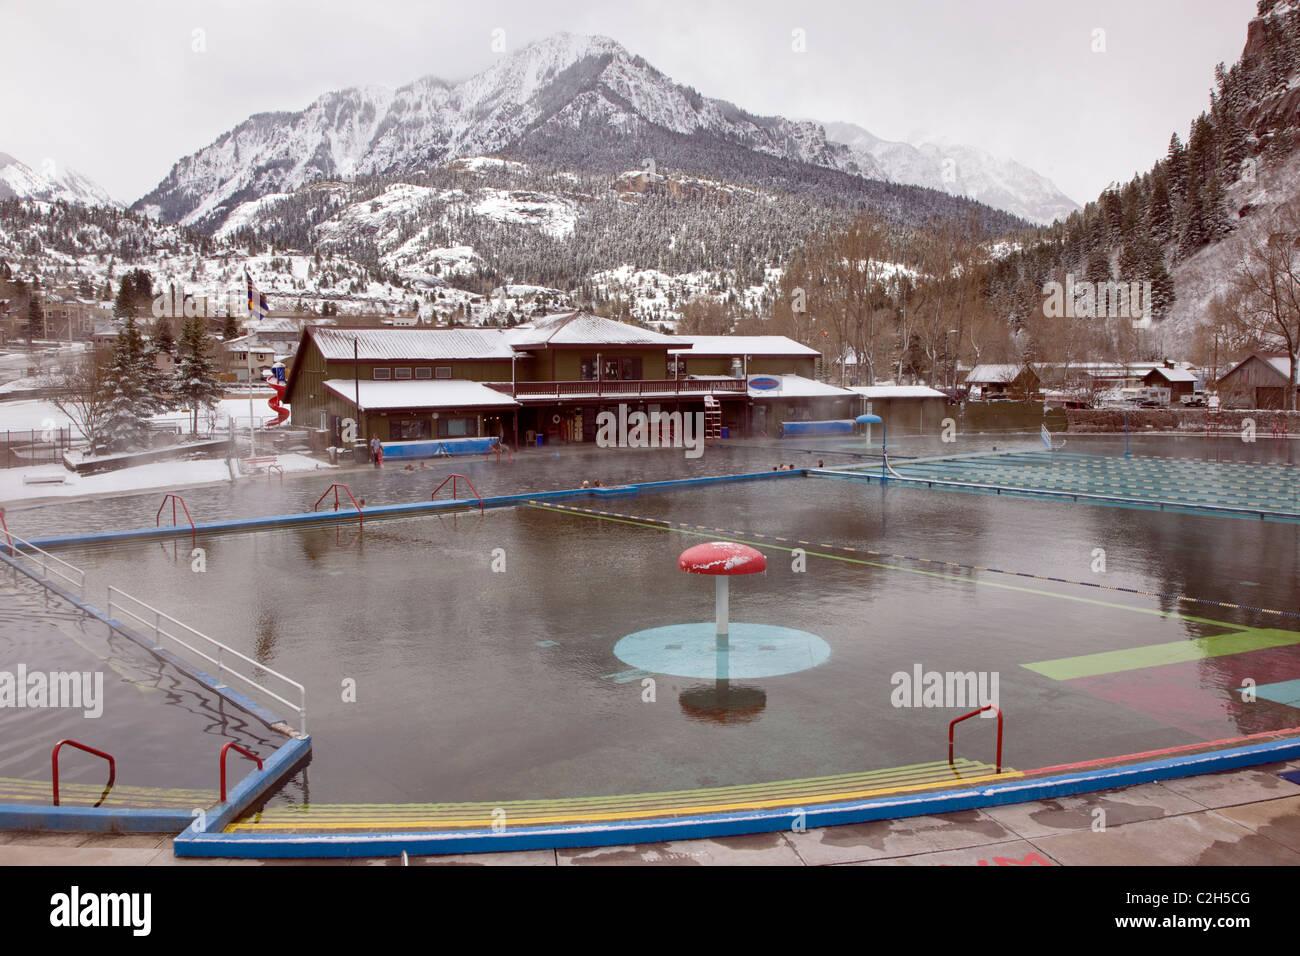 Vista invernal de Ouray Hot Springs Pool, Ouray, Colorado, EE.UU. Imagen De Stock